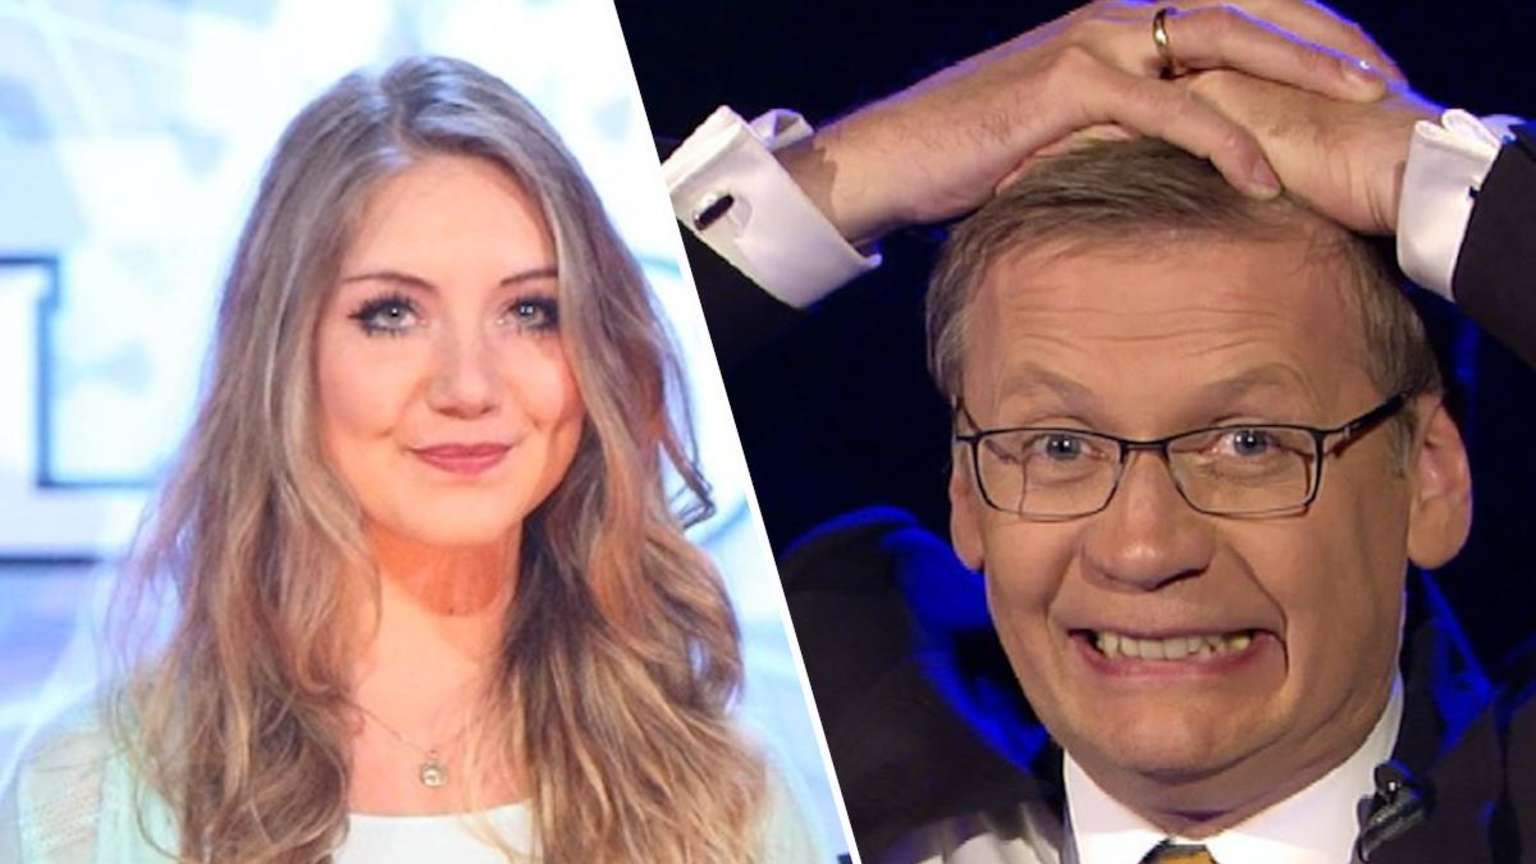 24975225 Wer Wird Millionaer Guenter Jauch Rtl Kandidatin Tanja Fuss 50 Euro Frage Quiz Show Tv Koeln 1lzRSLgwuV6b